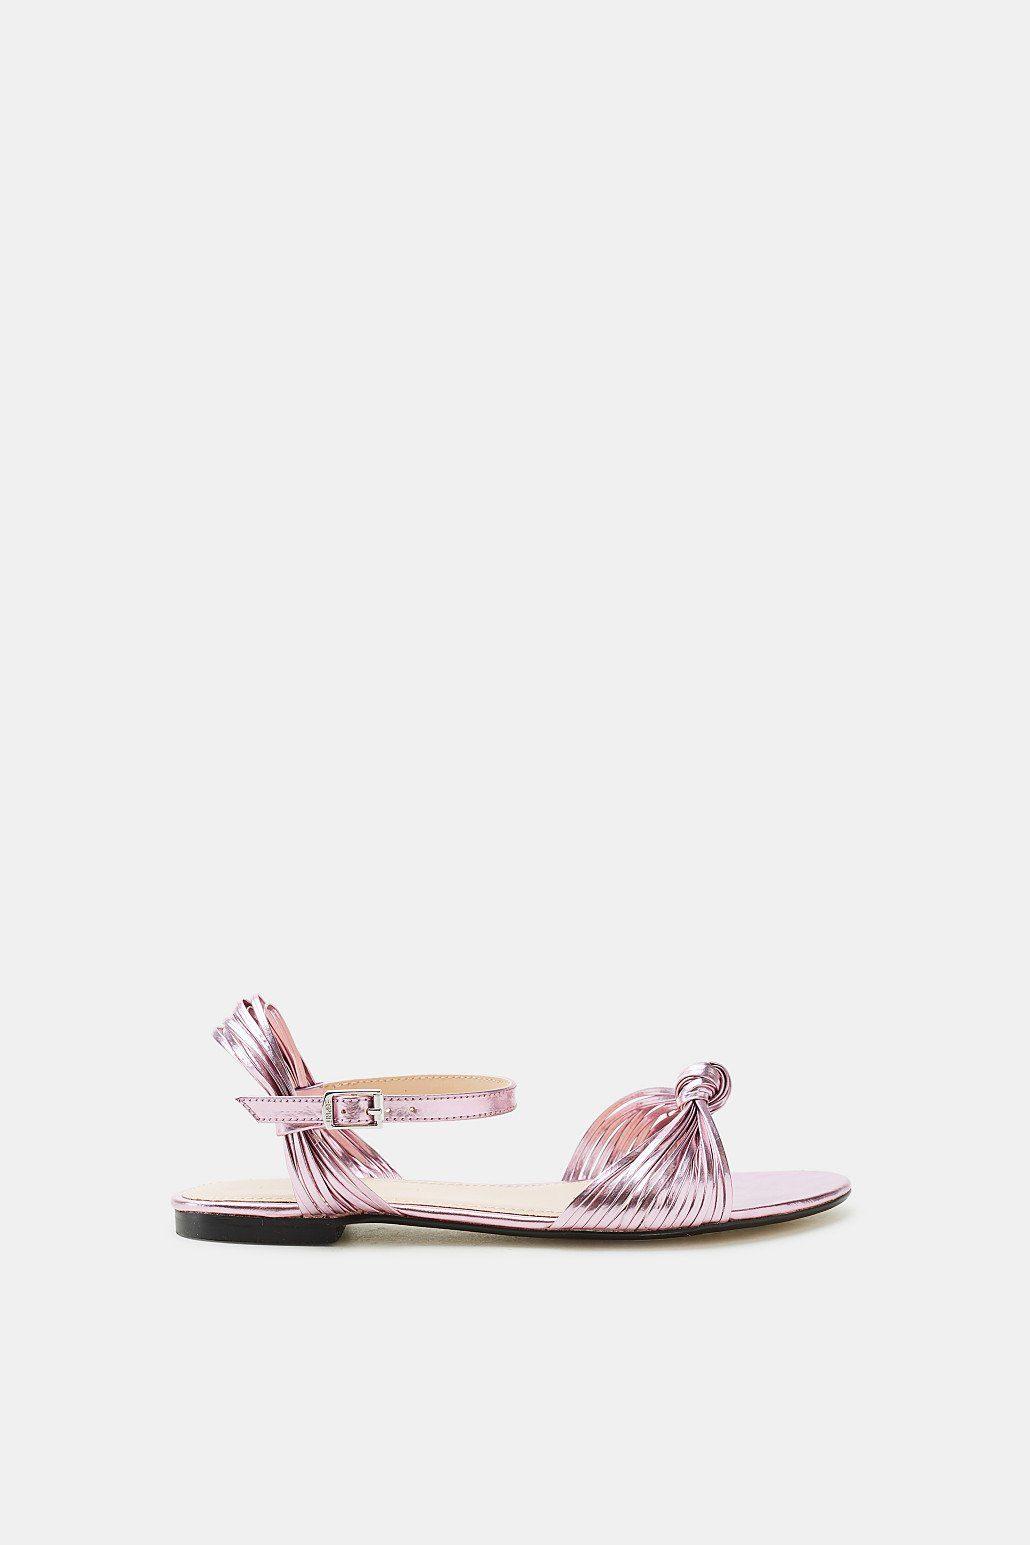 Esprit ESPRIT Flache Metallic-Sandale mit schmalen Riemchen, weiß, ICE